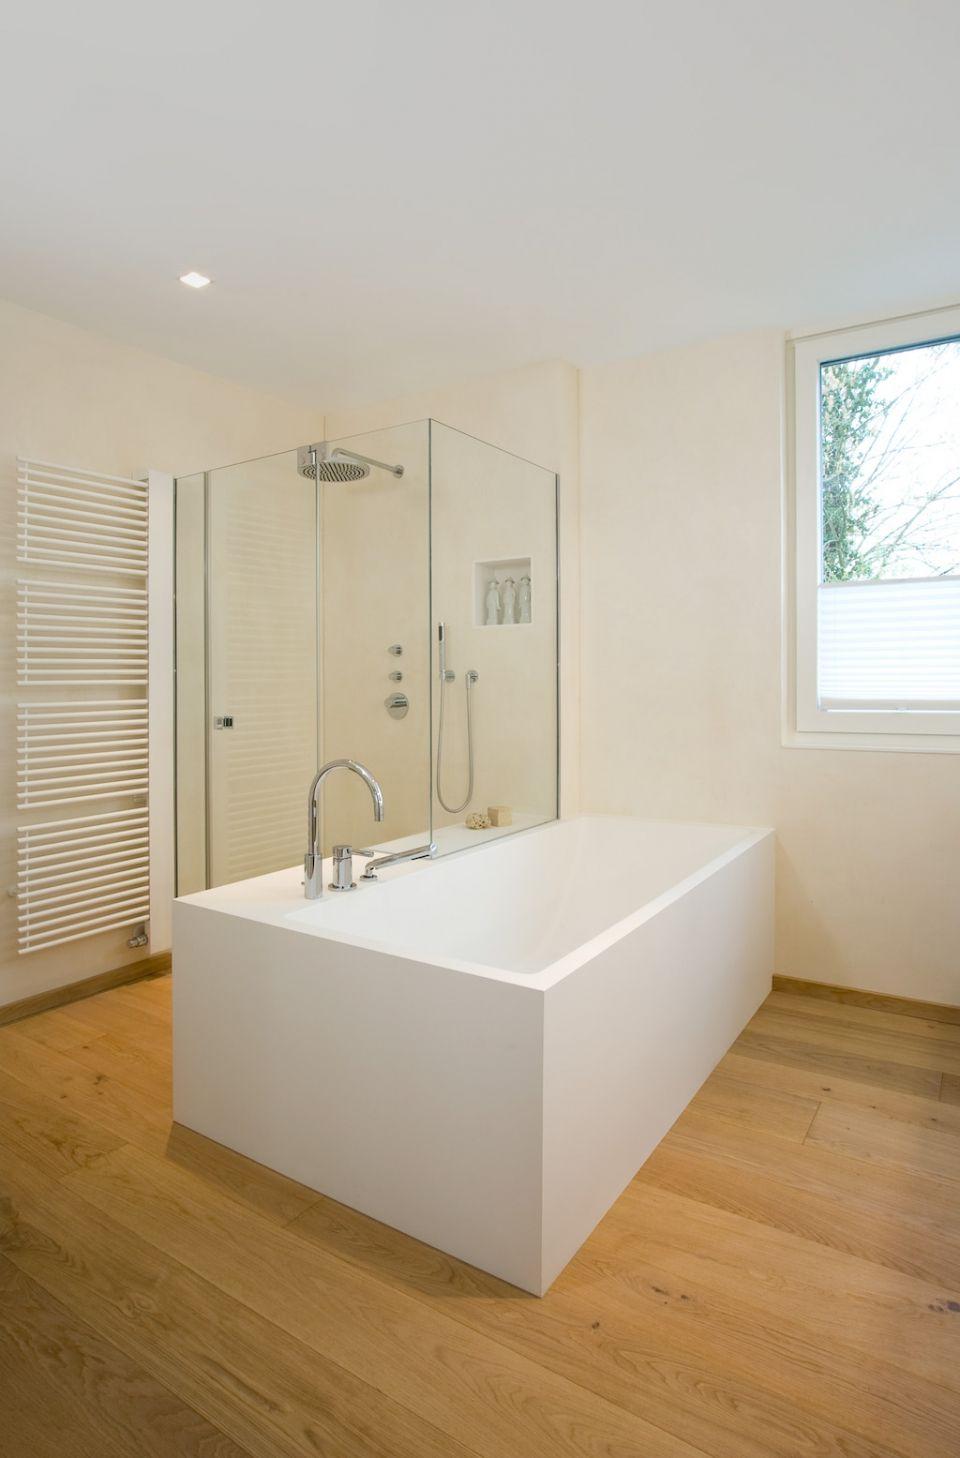 spachteltechnik im bad eine wohnliche atmosph re f r ihr bad spachteltechnik im bad mit diesen. Black Bedroom Furniture Sets. Home Design Ideas